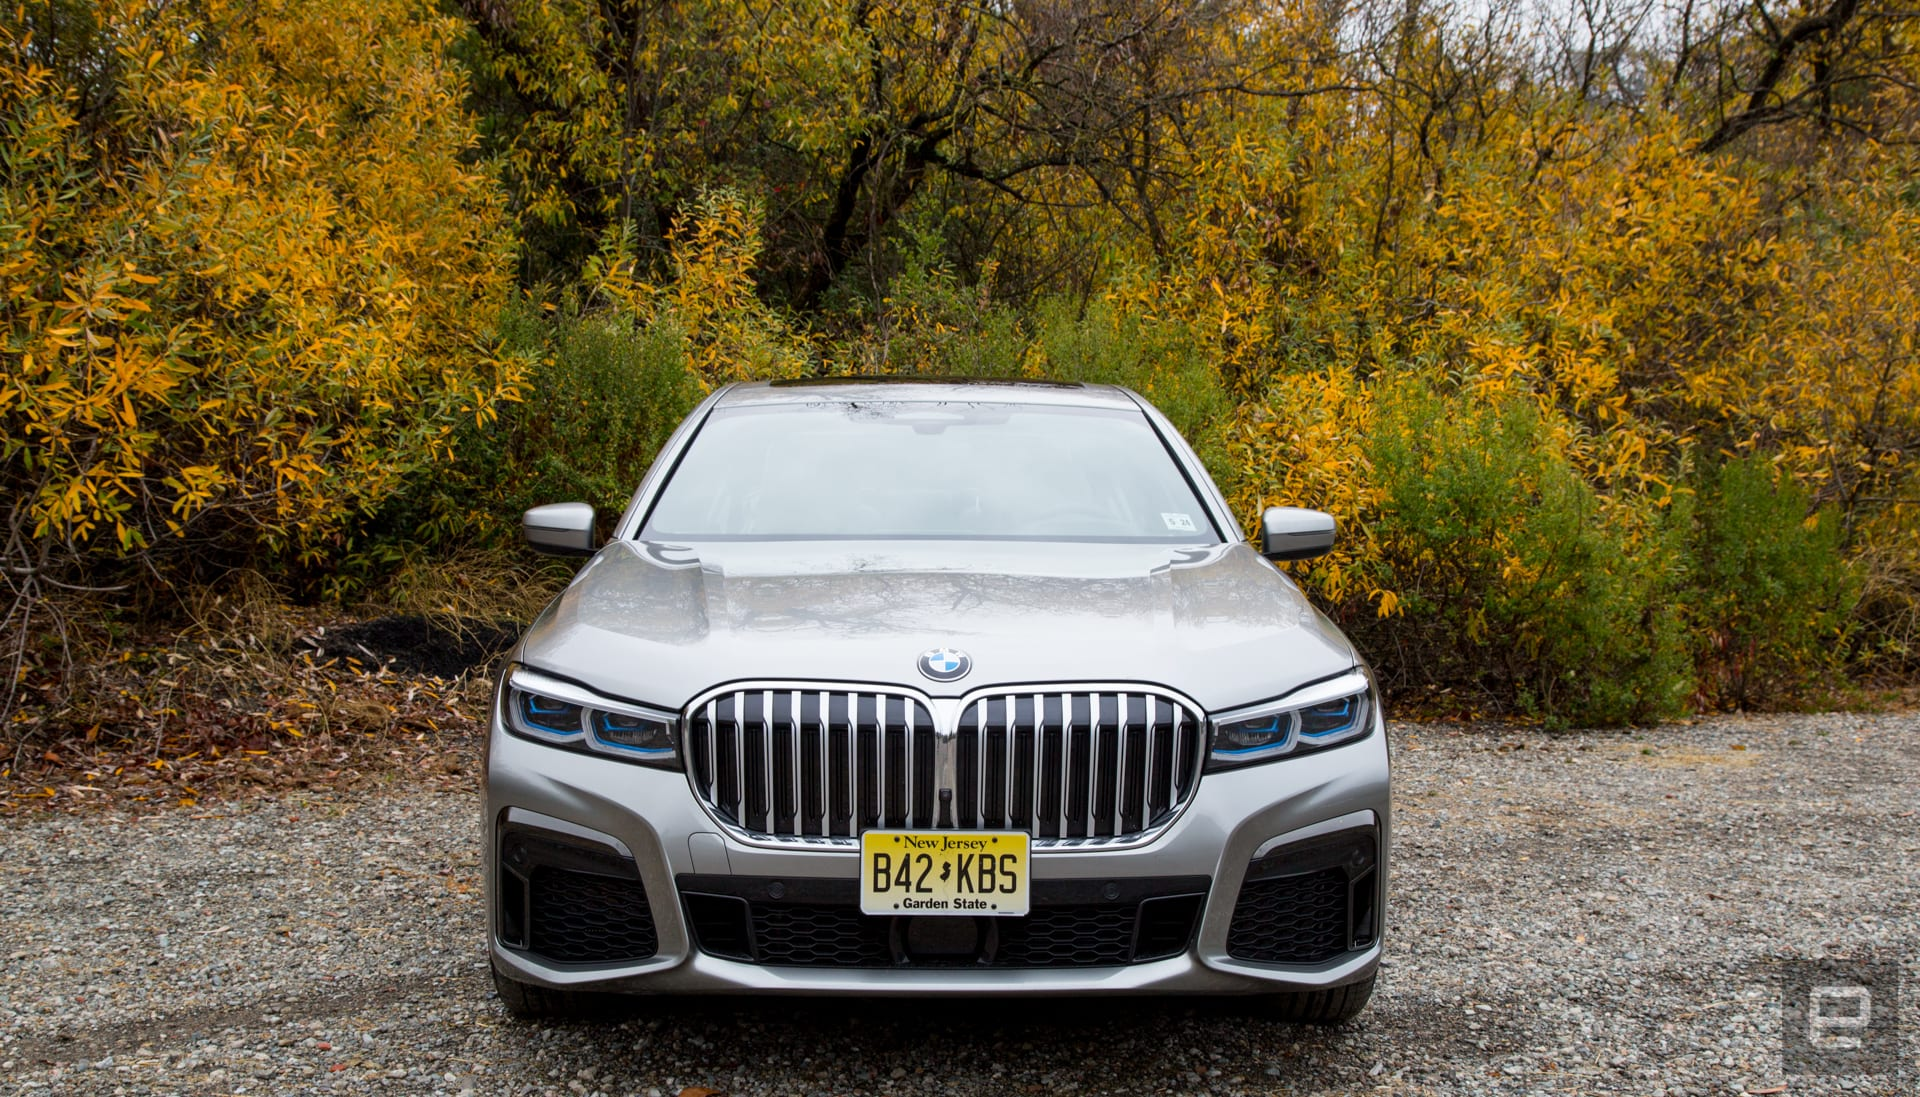 2020 BMW 745e review